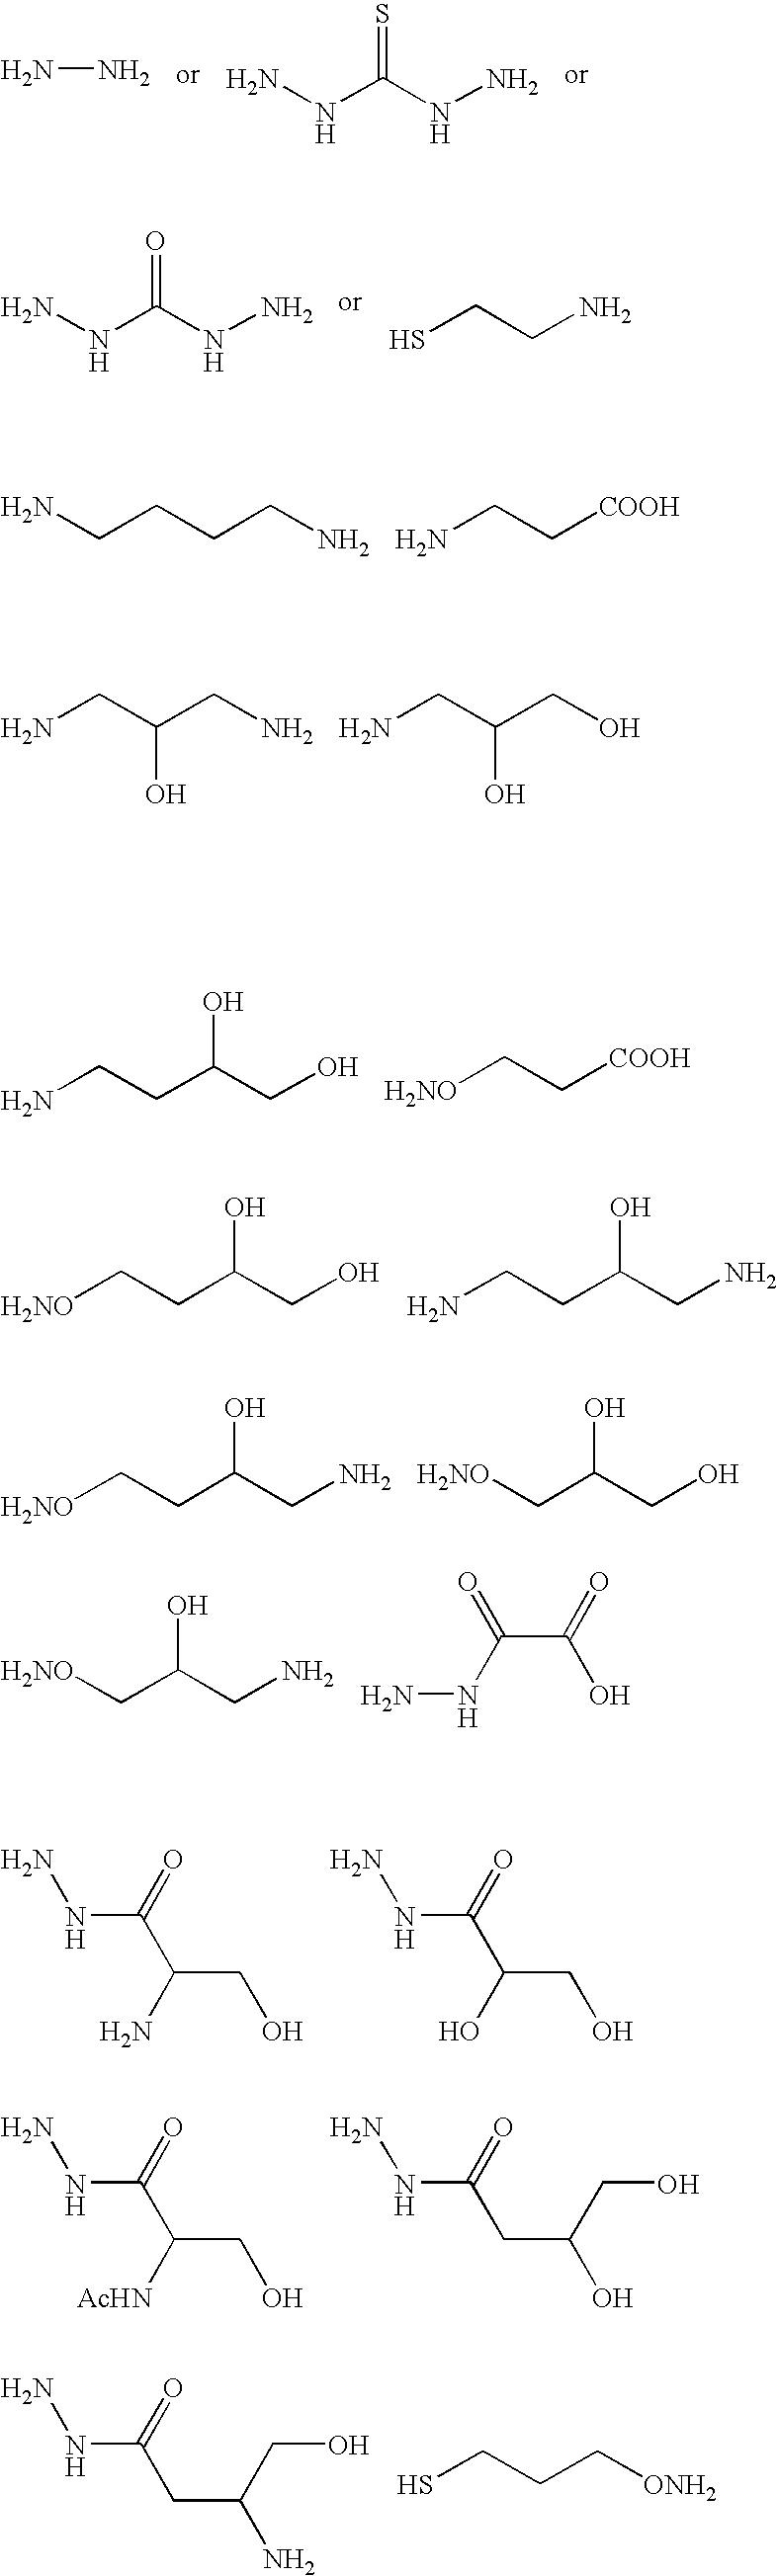 Figure US20060019877A1-20060126-C00006